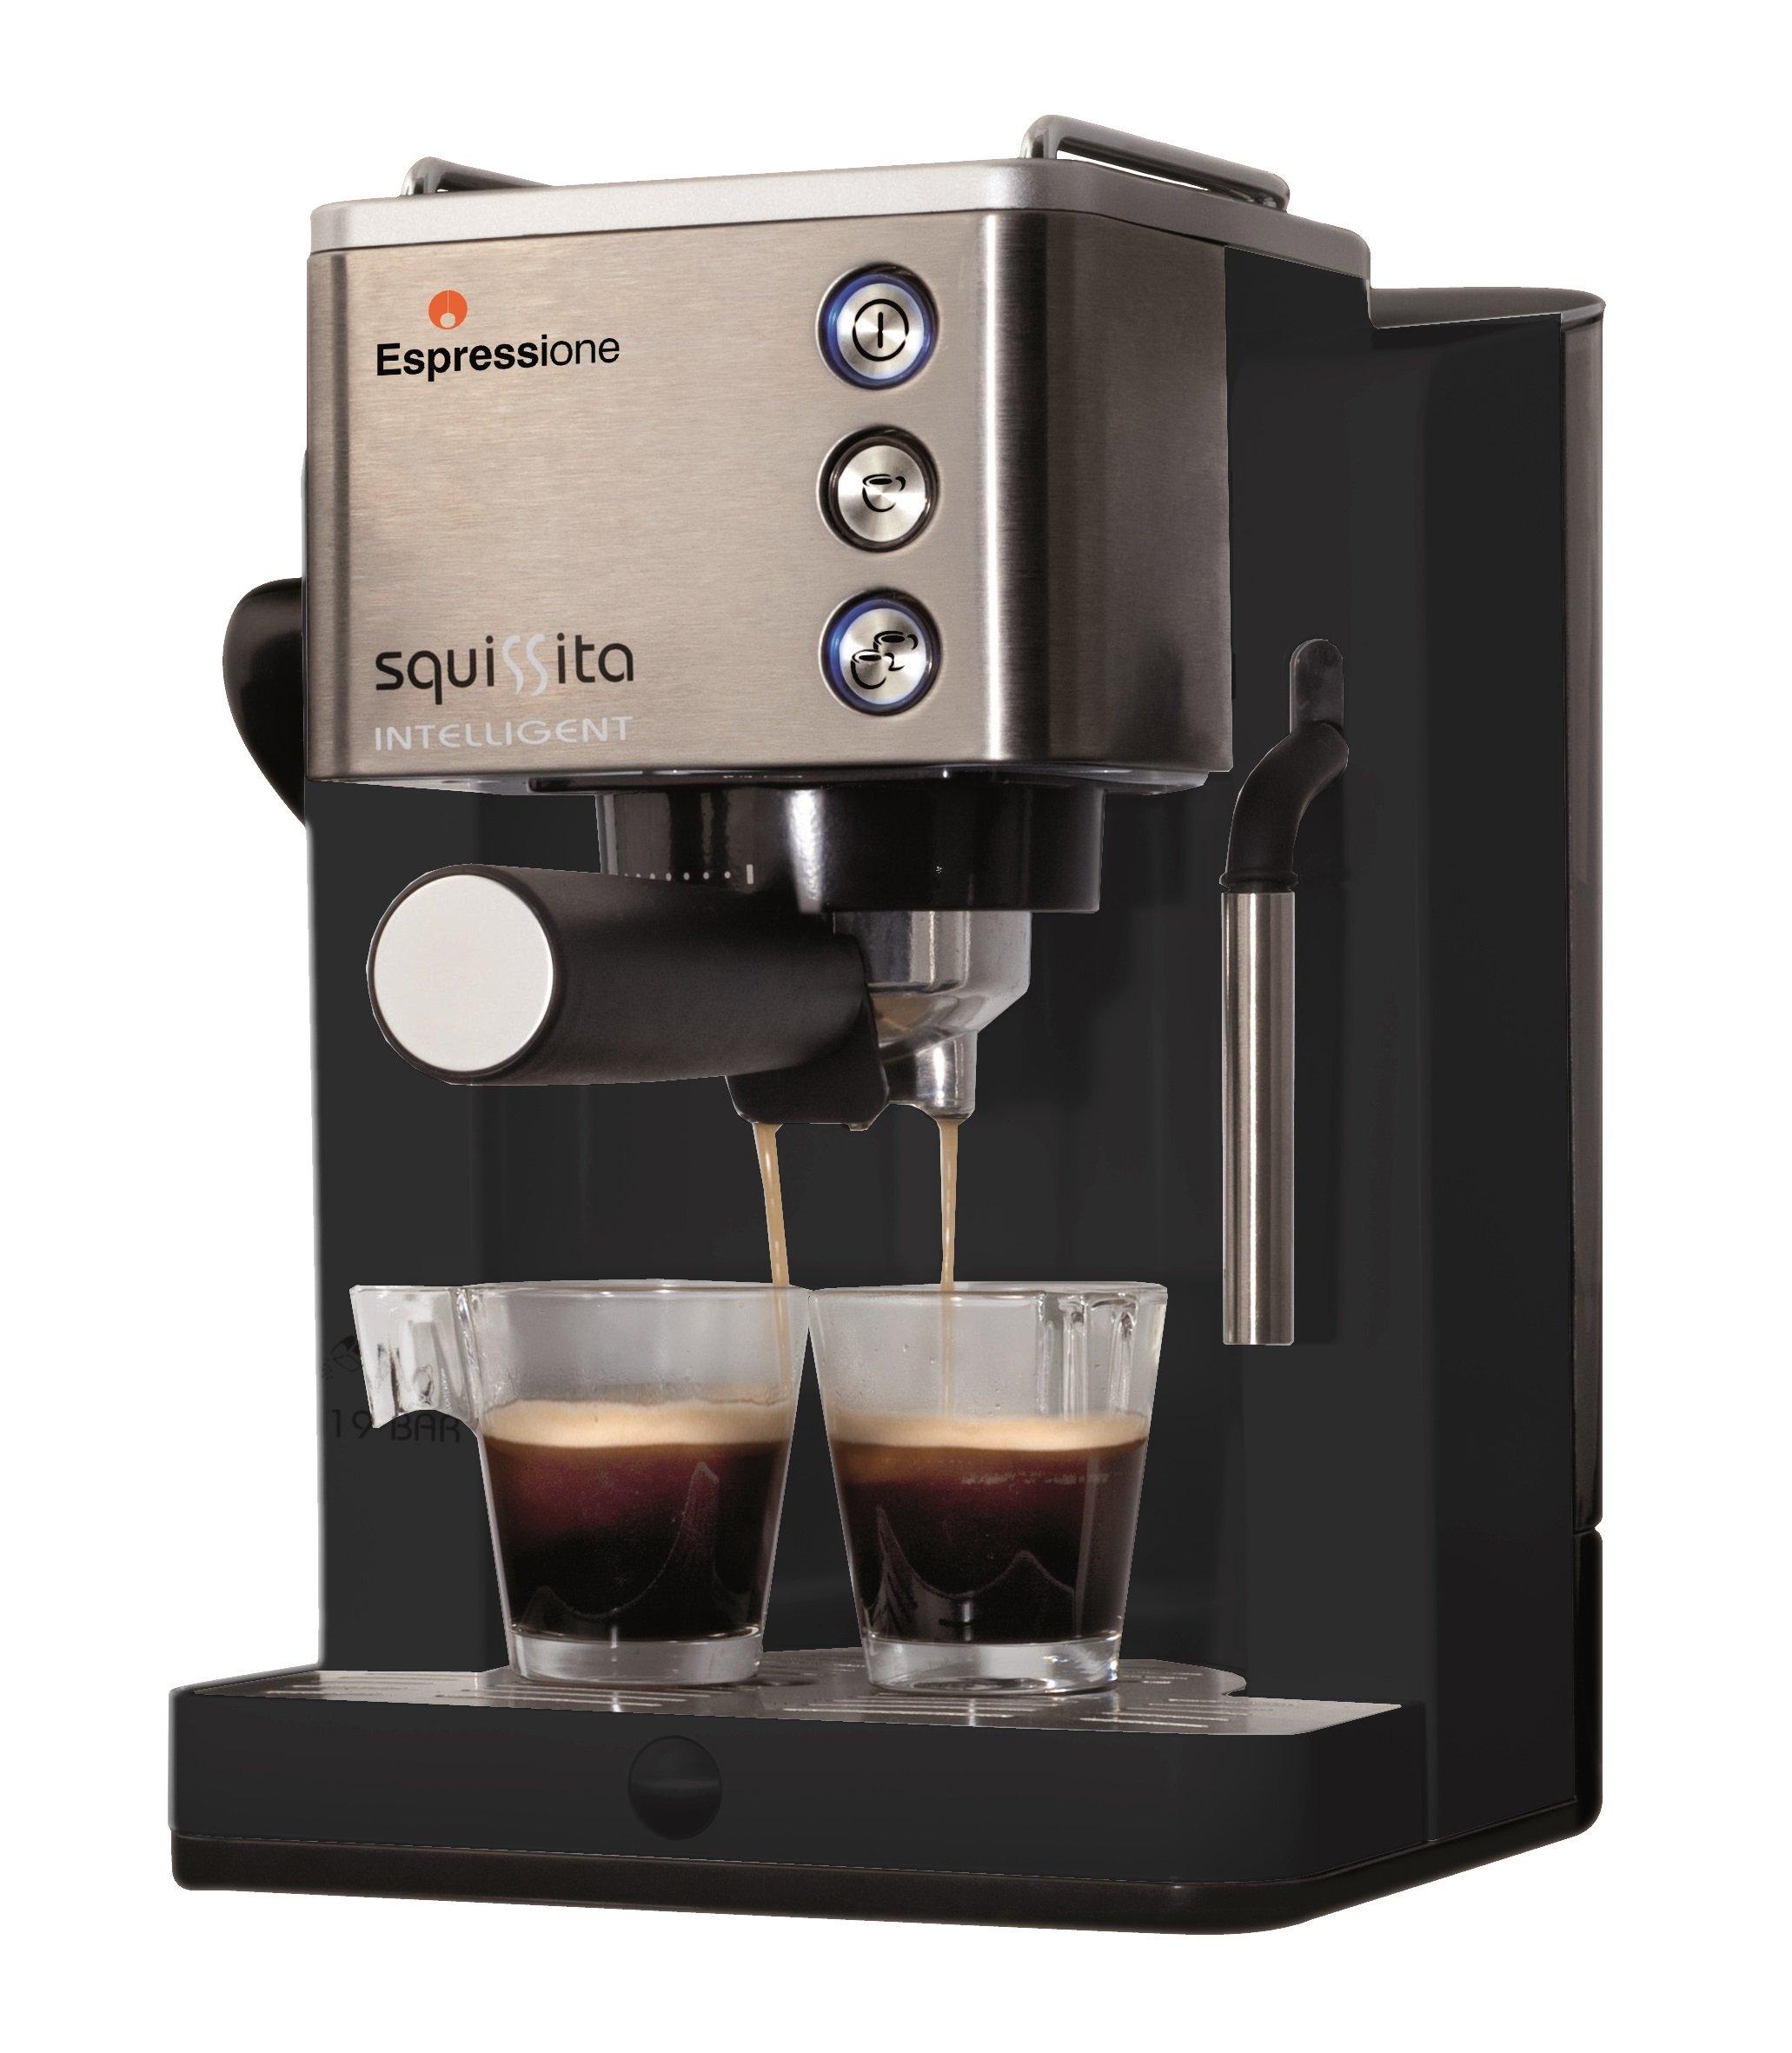 Espressione CE-4492 Squissita Intelligent Espresso Machine, 1.22 L, Stainless Steel by Espressione (Image #1)